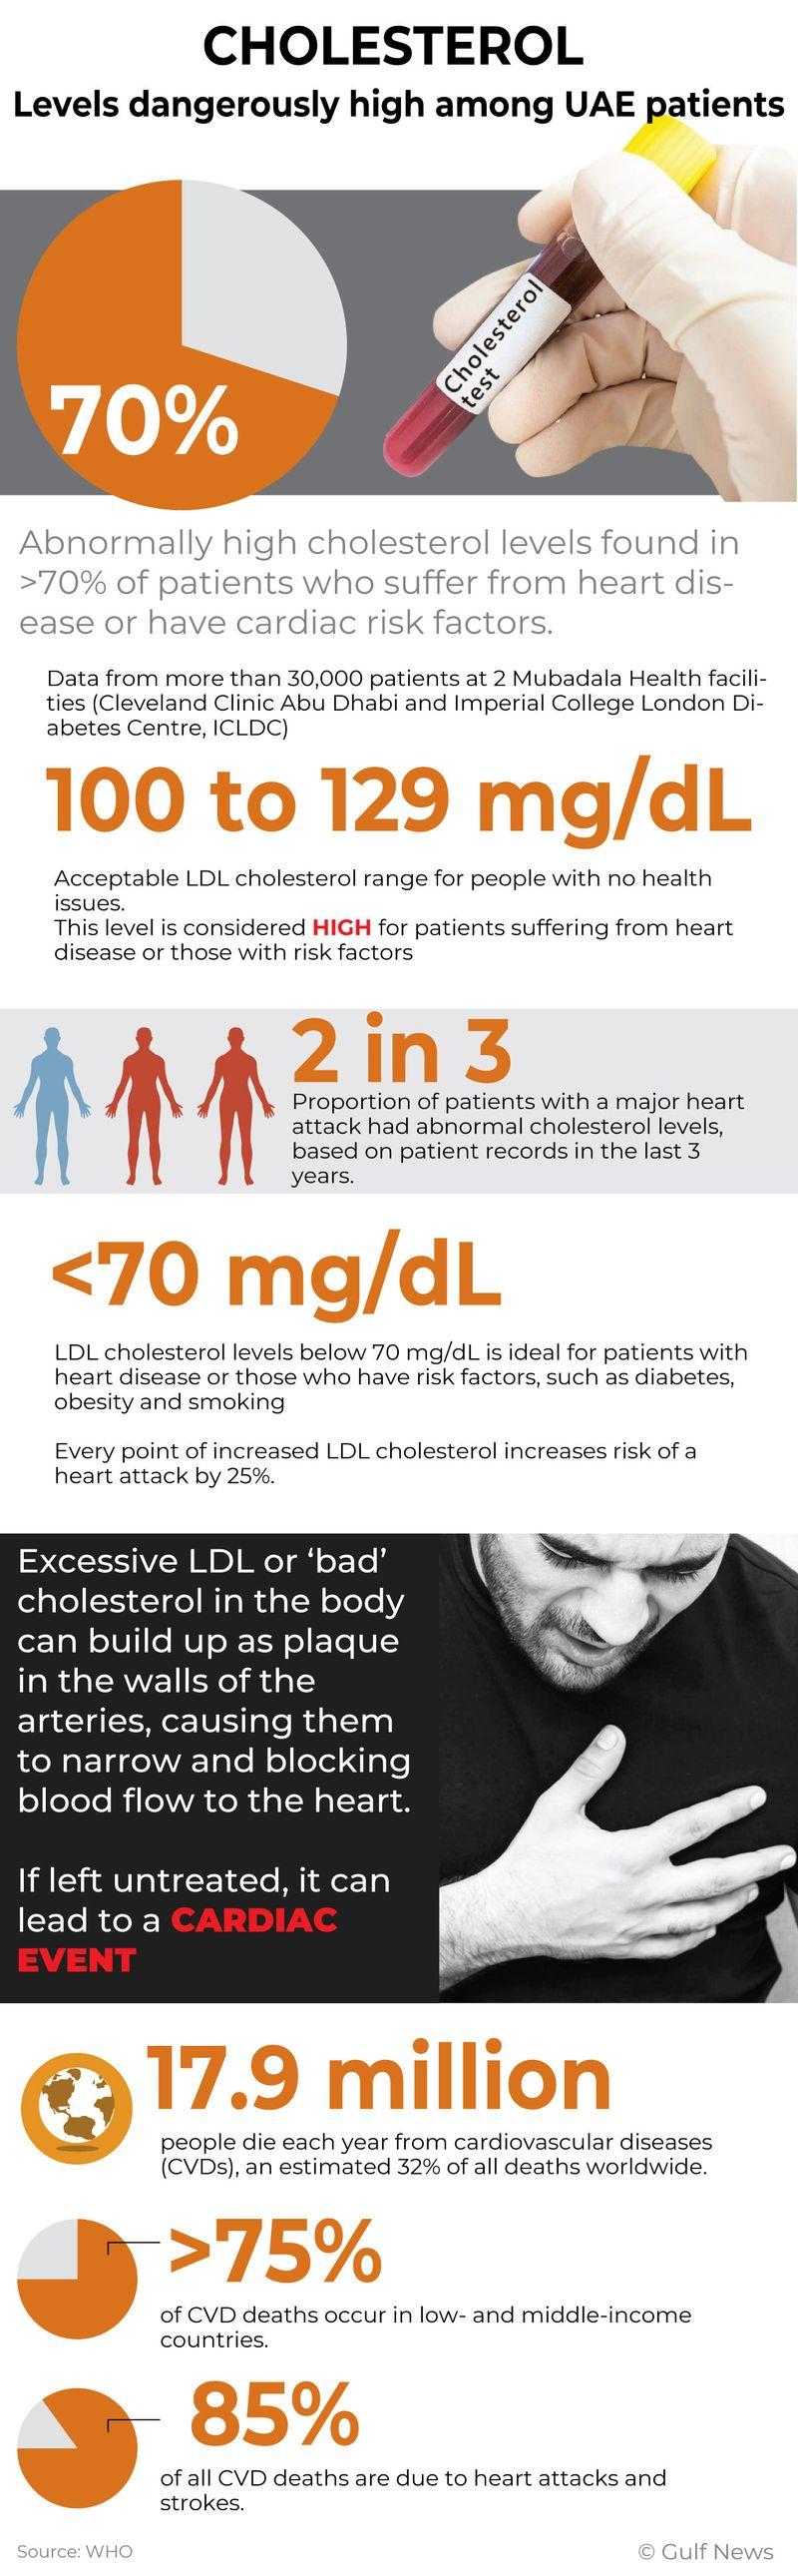 Cholesterol in UAE